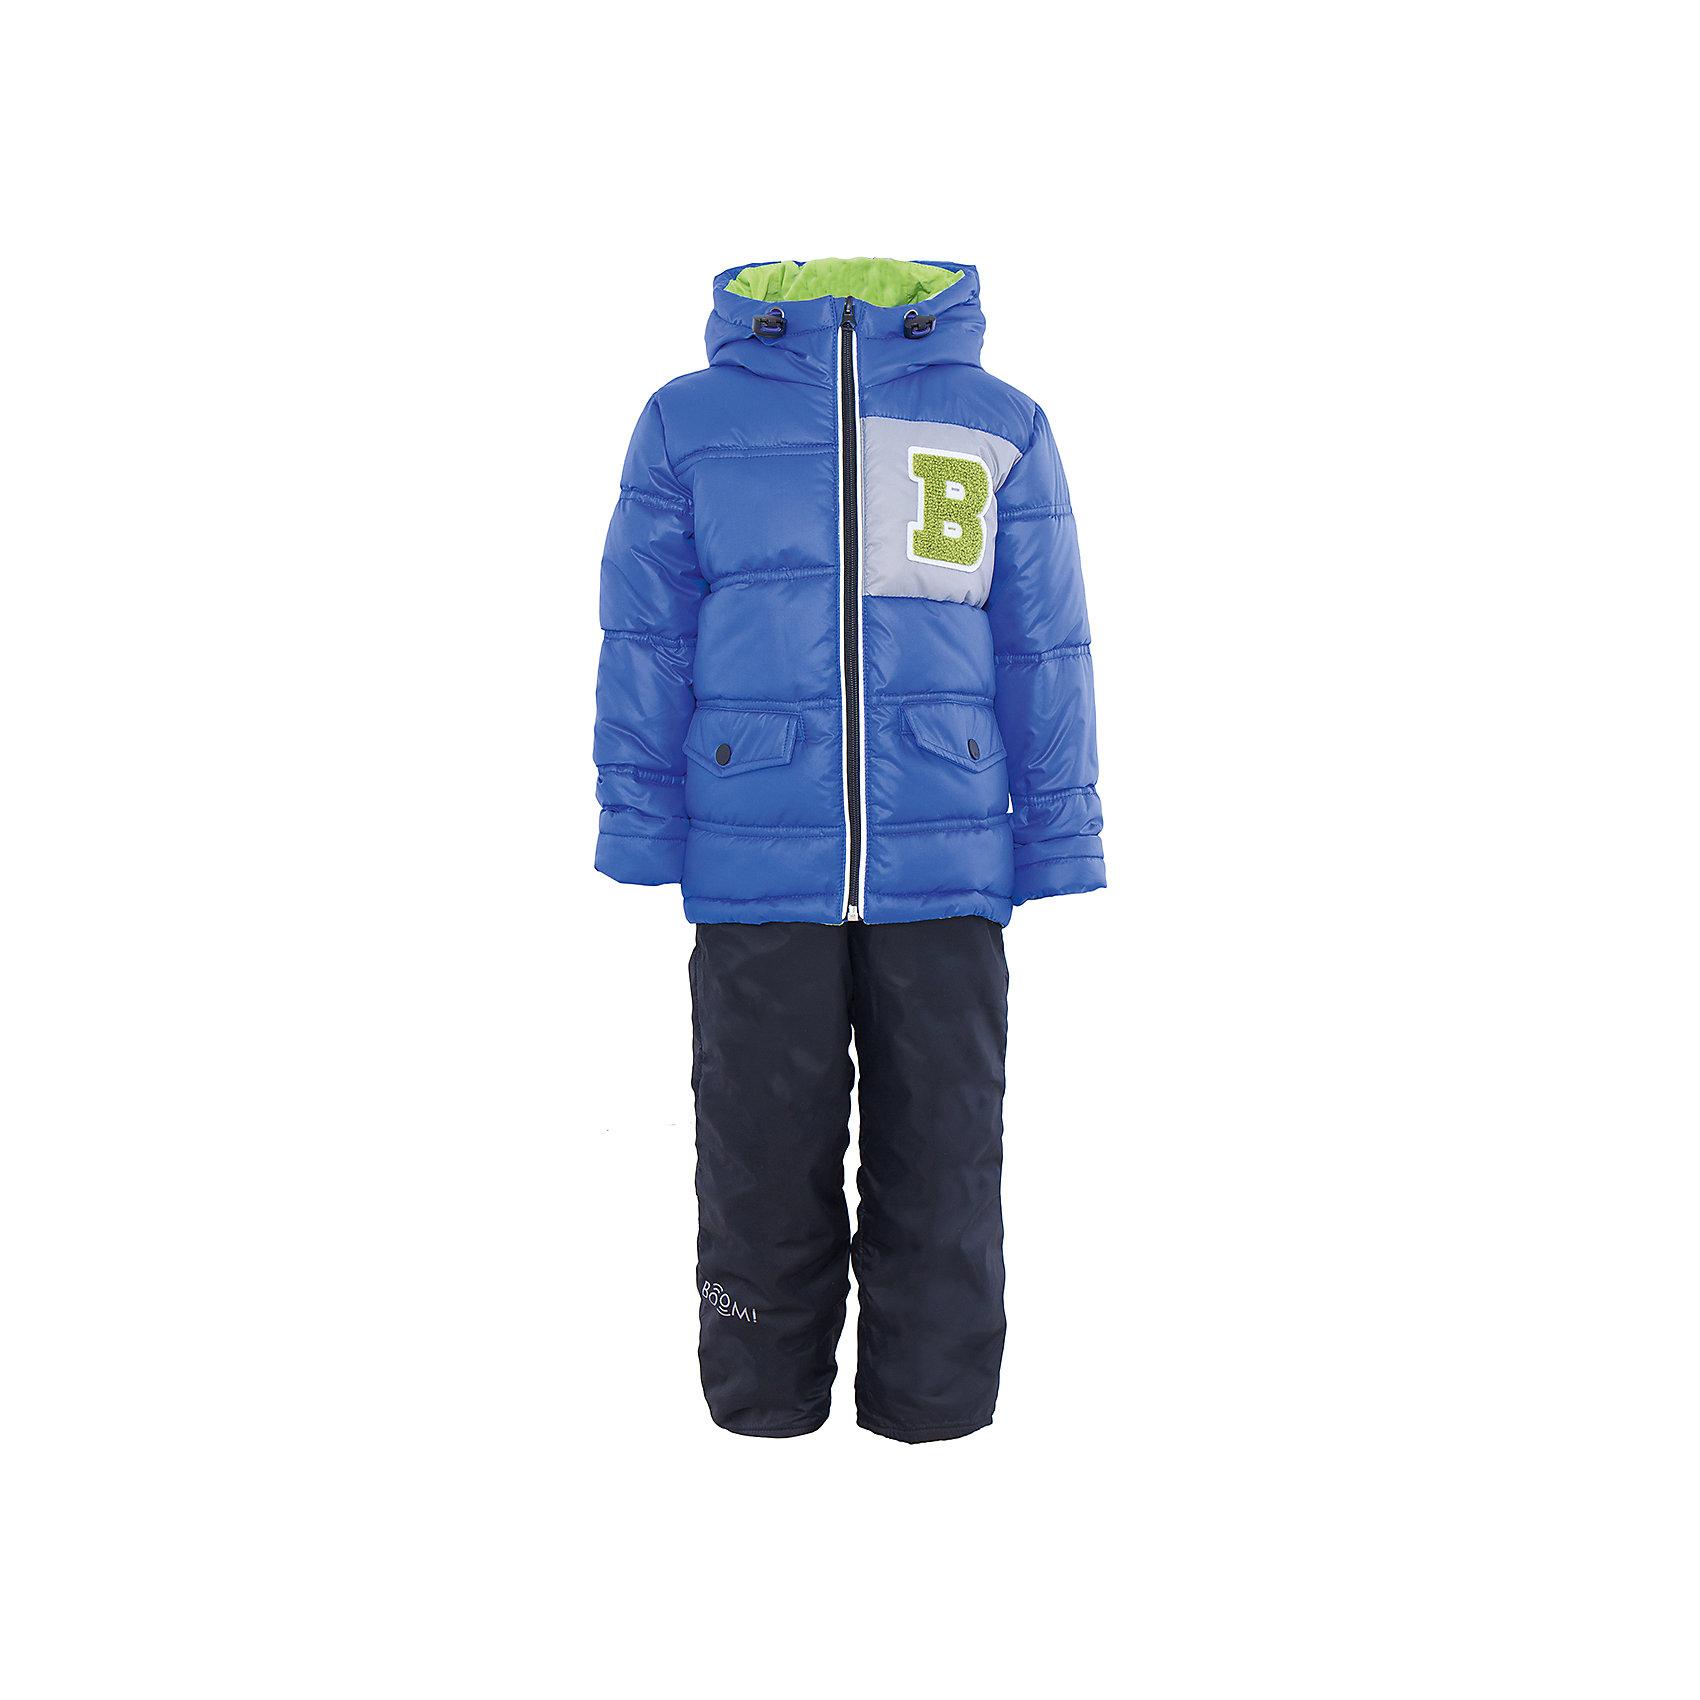 Комплект для мальчика BOOM by OrbyХарактеристики товара:<br><br>• цвет: синий/тёмно-синий<br>• состав: <br>курточка: верх - болонь, подкладка - поликоттон, полиэстер, утеплитель: эко-синтепон 150 г/м2<br>брюки: верх - таффета, подкладка - флис<br>• комплектация: куртка, брюки<br>• температурный режим: от -5 С° до +10 С° <br>• капюшон с утяжкой, не отстёгивается<br>• из практичной ткани<br>• застежка - молния<br>• куртка декорирована нашивкой<br>• отвороты помогают заметно трансформировать размер<br>• комфортная посадка<br>• страна производства: Российская Федерация<br>• страна бренда: Российская Федерация<br>• коллекция: весна-лето 2017<br><br>Такой комплект - универсальный вариант для межсезонья с постоянно меняющейся погодой. Эта модель - модная и удобная одновременно! Изделие отличается стильным ярким дизайном. Куртка и брюки хорошо сидят по фигуре, отлично сочетается с различной обувью. Модель была разработана специально для детей.<br><br>Одежда от российского бренда BOOM by Orby уже завоевала популярностью у многих детей и их родителей. Вещи, выпускаемые компанией, качественные, продуманные и очень удобные. Для производства коллекций используются только безопасные для детей материалы. Спешите приобрести модели из новой коллекции Весна-лето 2017! <br><br>Комплект для мальчика от бренда BOOM by Orby можно купить в нашем интернет-магазине.<br><br>Ширина мм: 356<br>Глубина мм: 10<br>Высота мм: 245<br>Вес г: 519<br>Цвет: фиолетовый<br>Возраст от месяцев: 36<br>Возраст до месяцев: 48<br>Пол: Мужской<br>Возраст: Детский<br>Размер: 104,122,86,92,98,110,116<br>SKU: 5342627